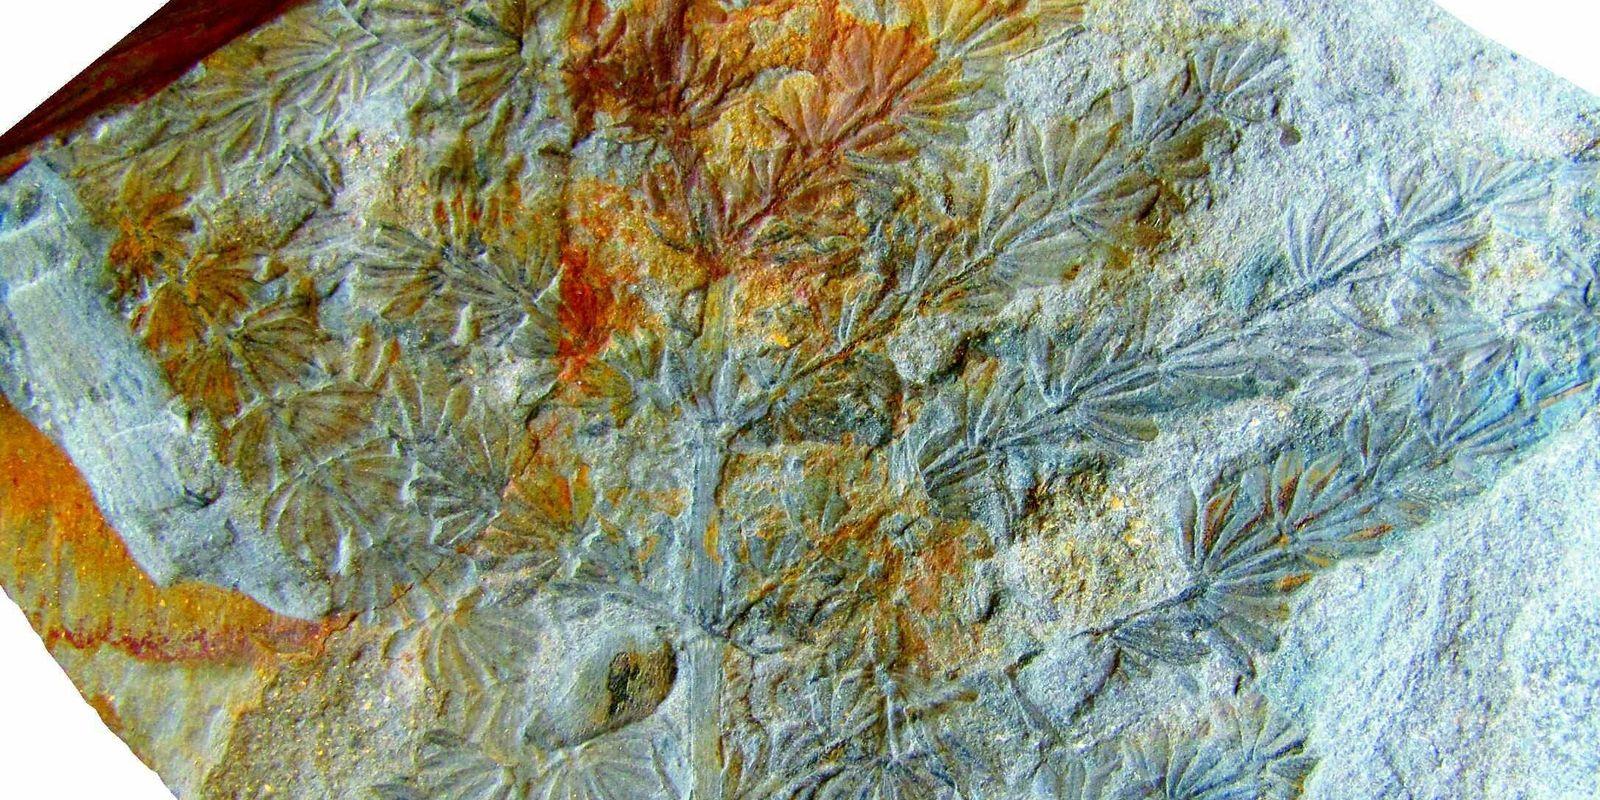 Descoberta Espécie de Cavalinha com Cerca de 300 Milhões de Anos na Região do Douro